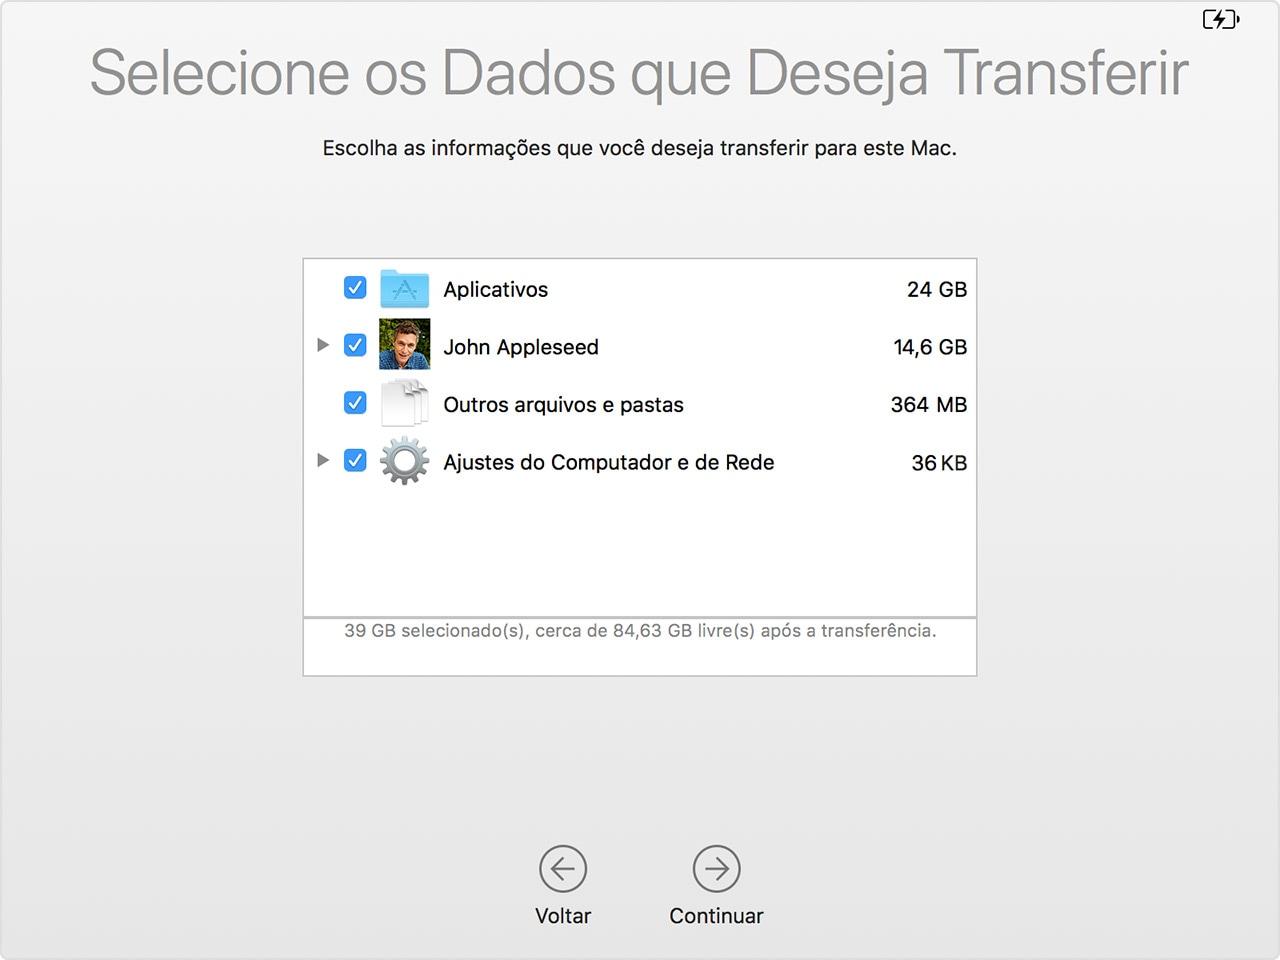 Assistente de Migração do macOS: dados